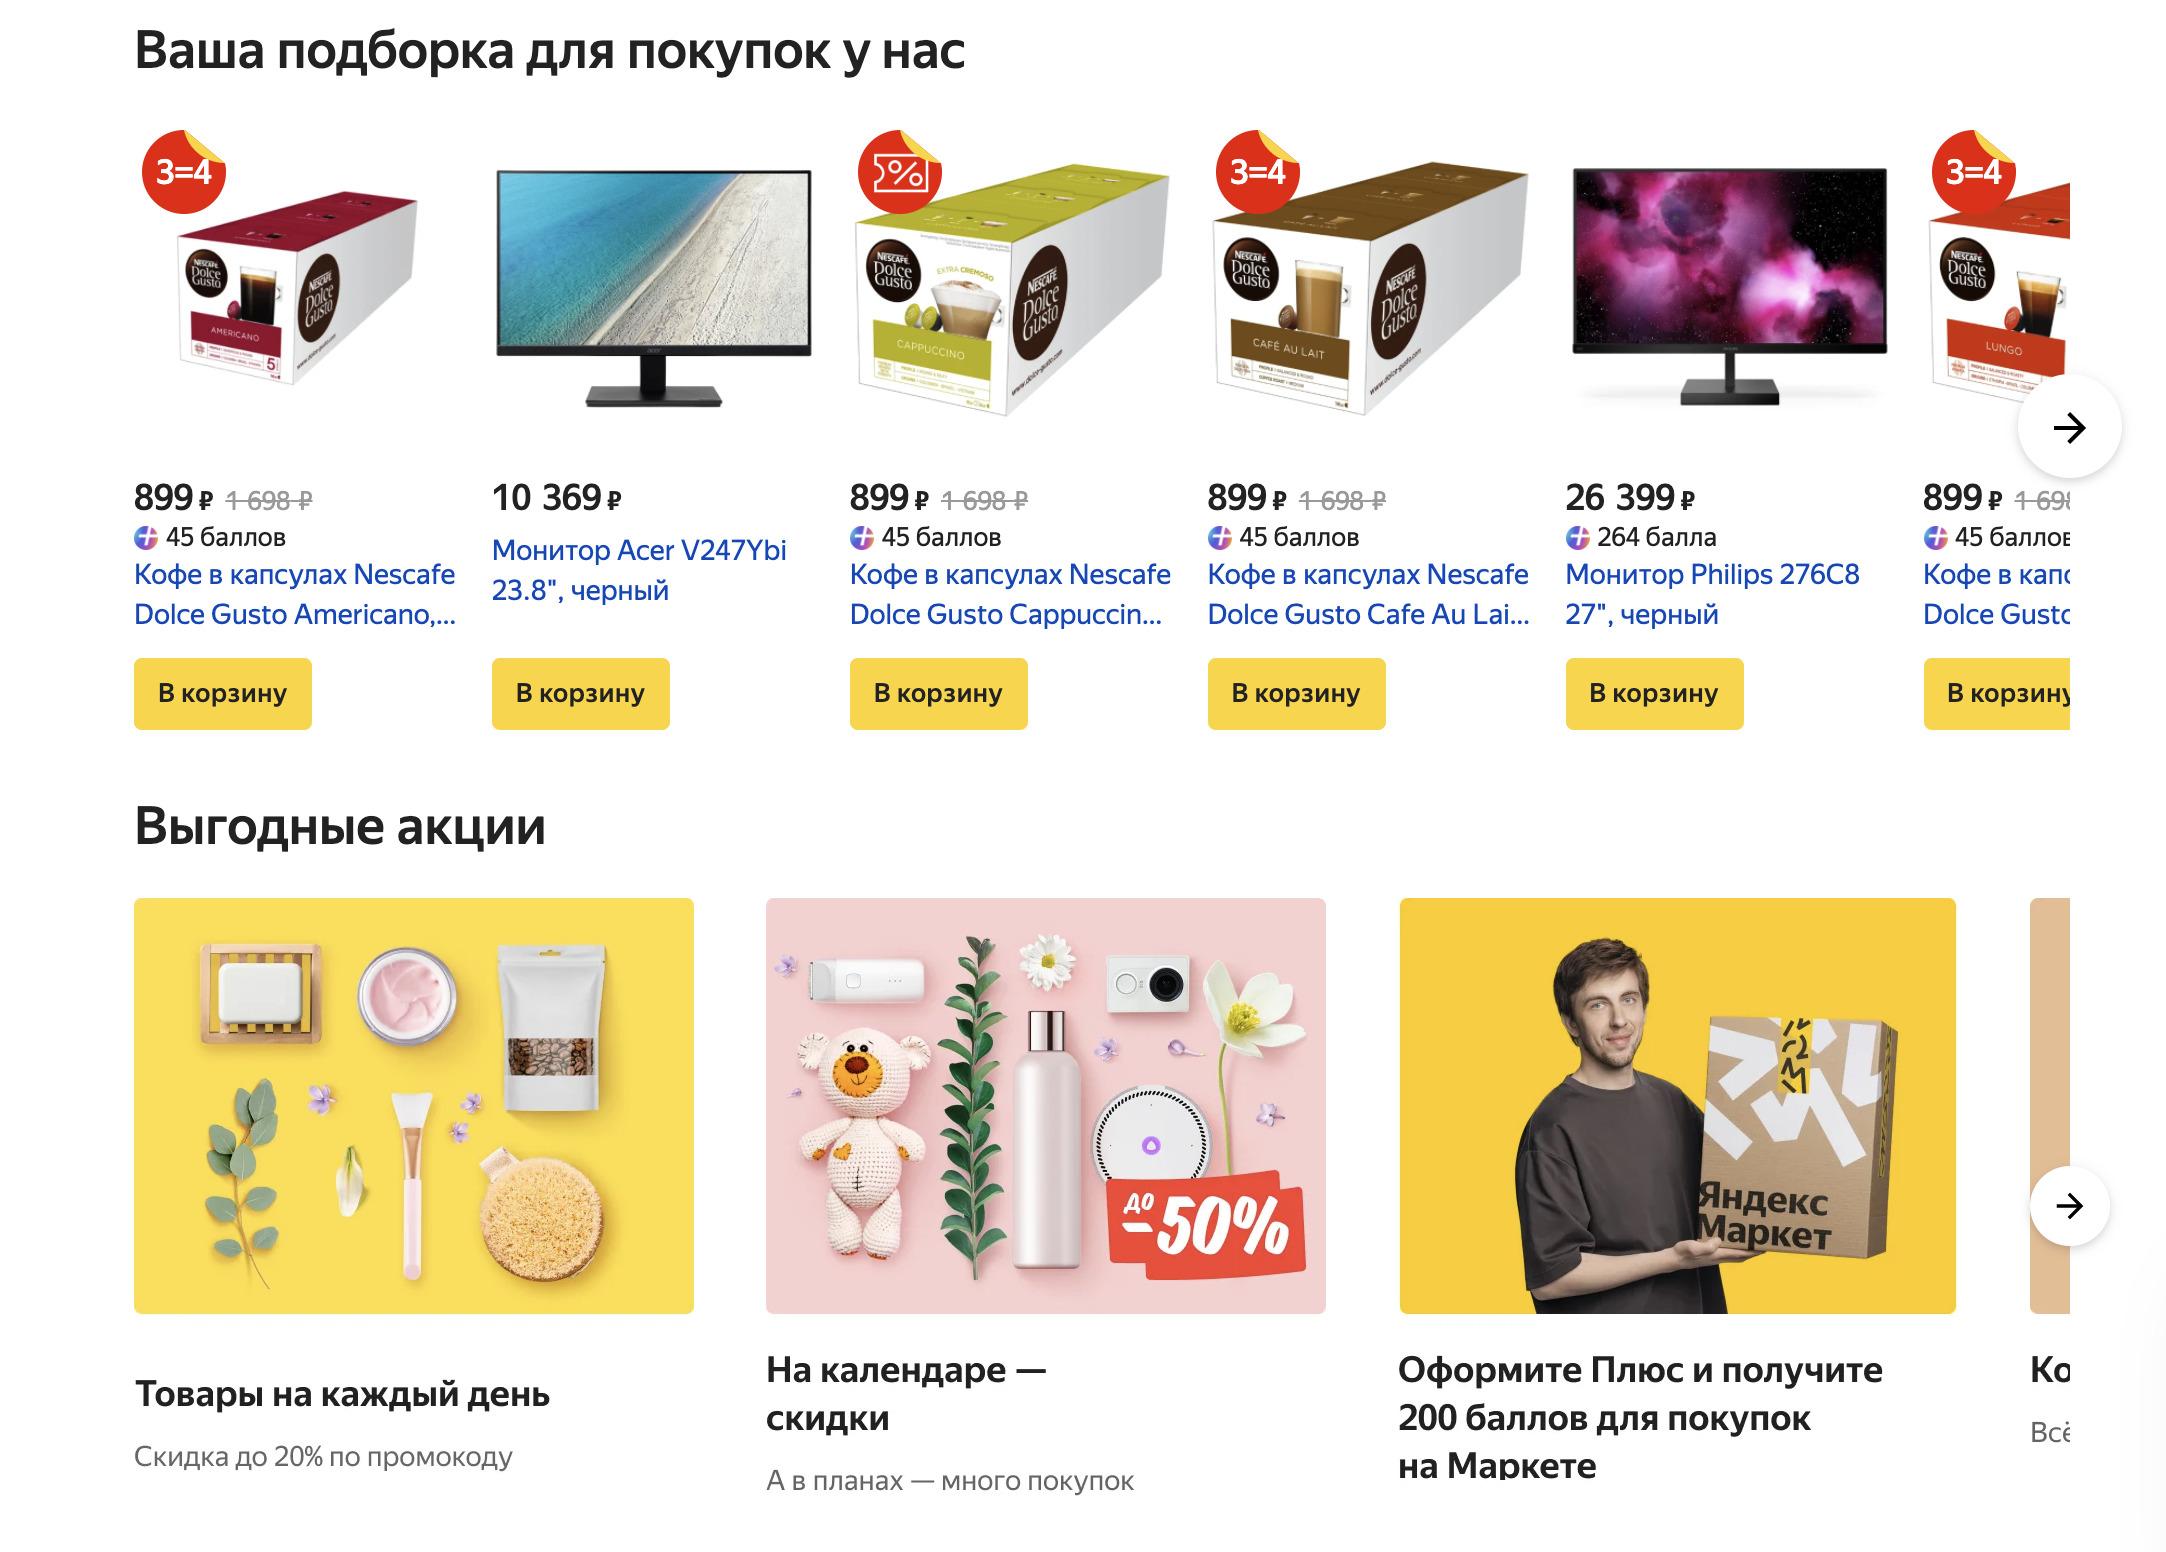 Доставка из Яндекс.Маркет в Ульяновскую область, сроки, пункты выдачи, каталог